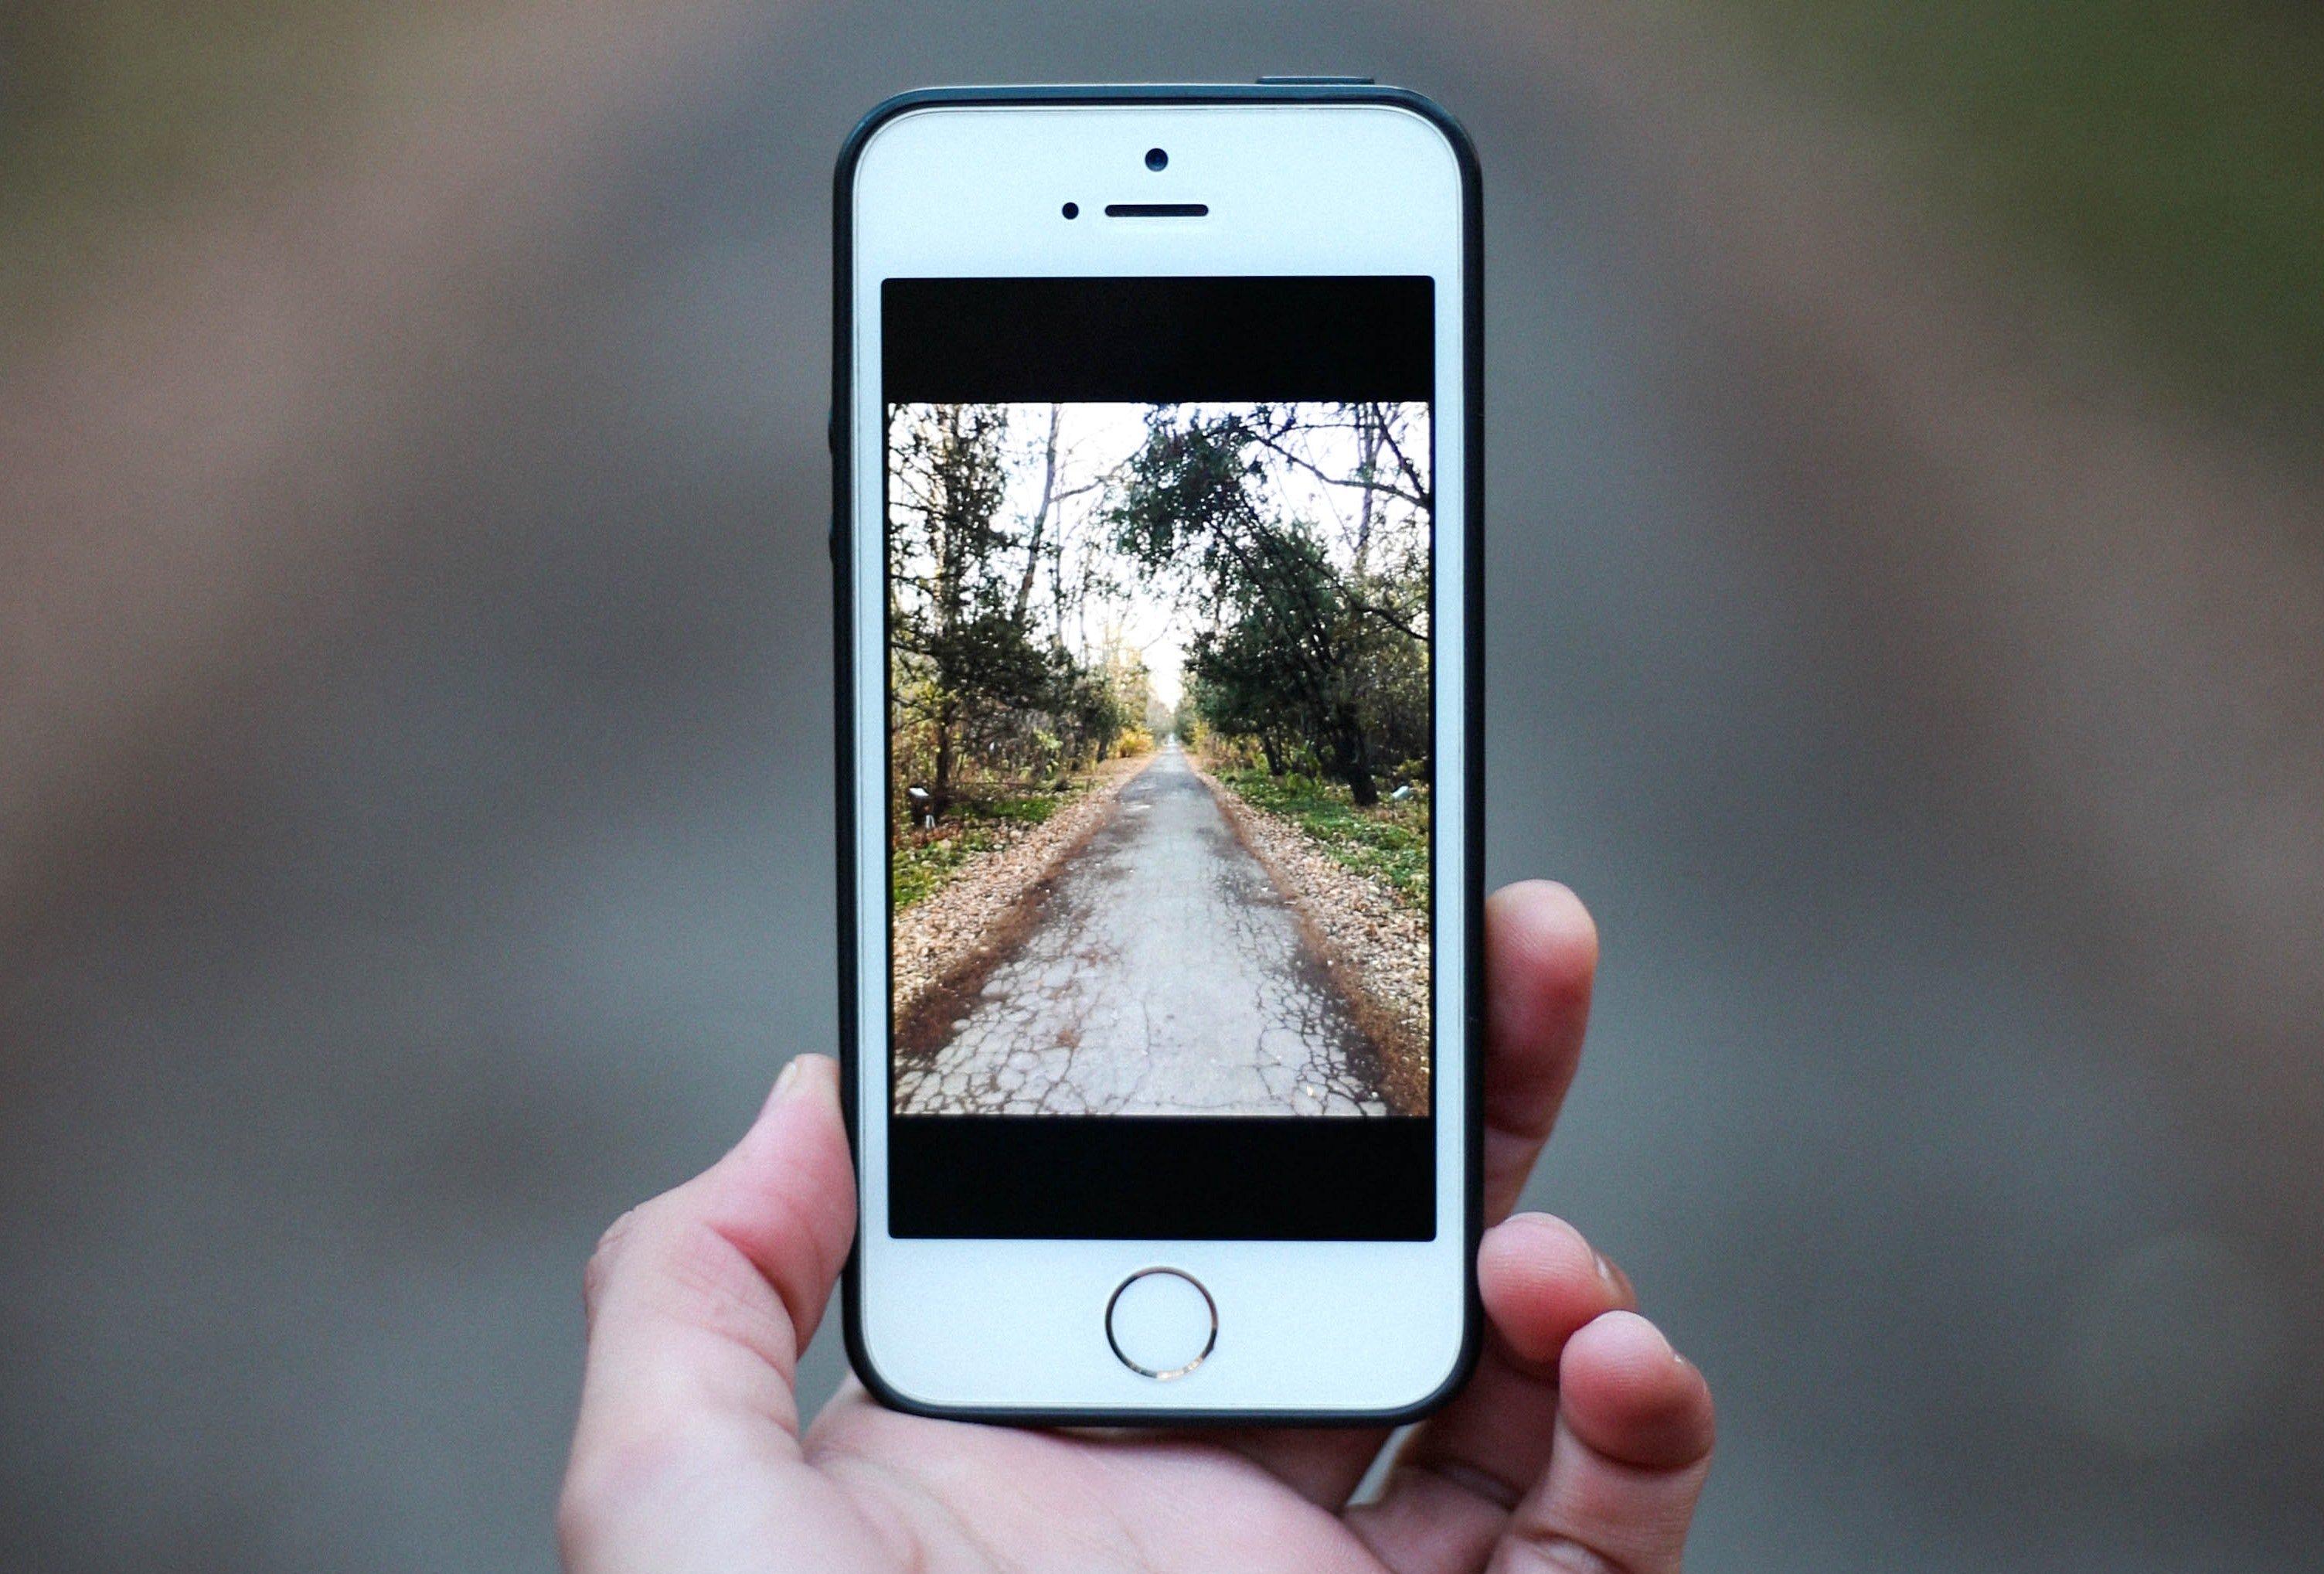 Une photographe amateur gagne un concours photo grâce à son iPhone… 6 ! 1